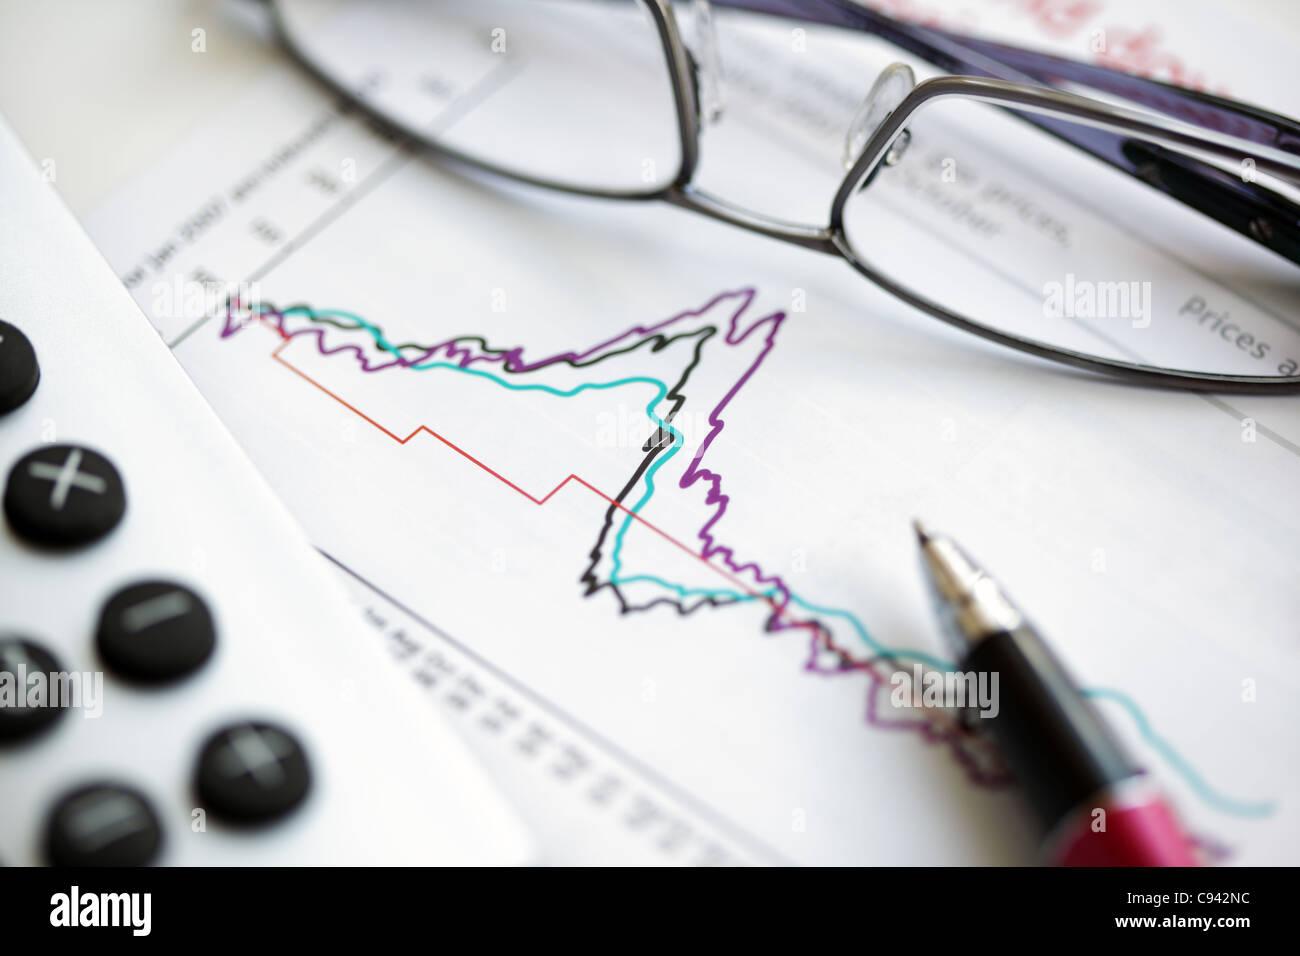 Occhiali di penna e calcolatrice sul grafico azionario Immagini Stock